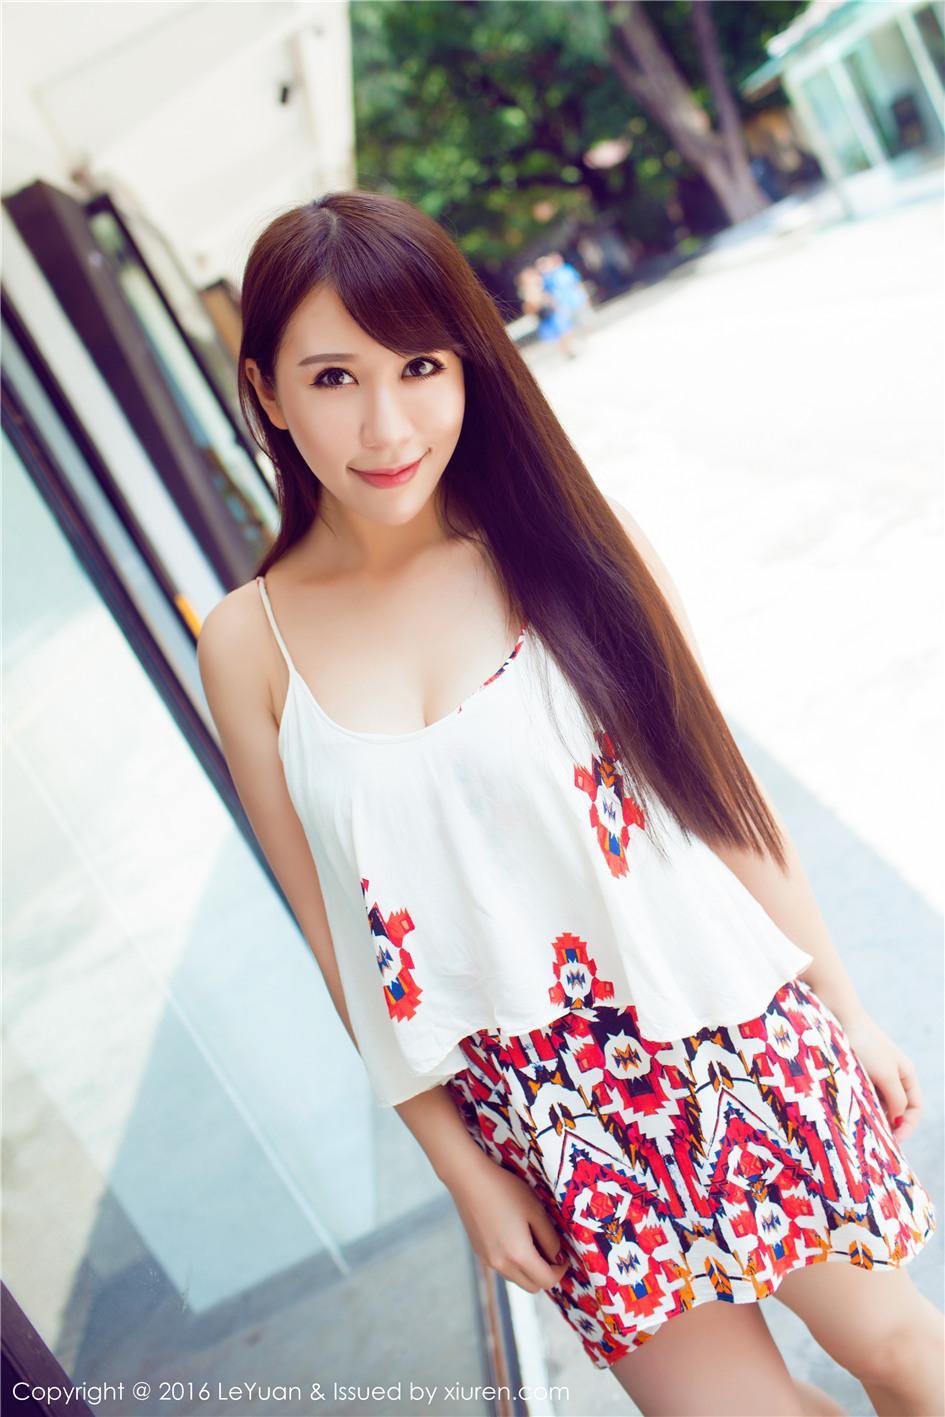 【星乐园 】【艾惟】 清纯甜美女孩艾惟迷人双腿生活照写真 VOL.020【23P】 写真集